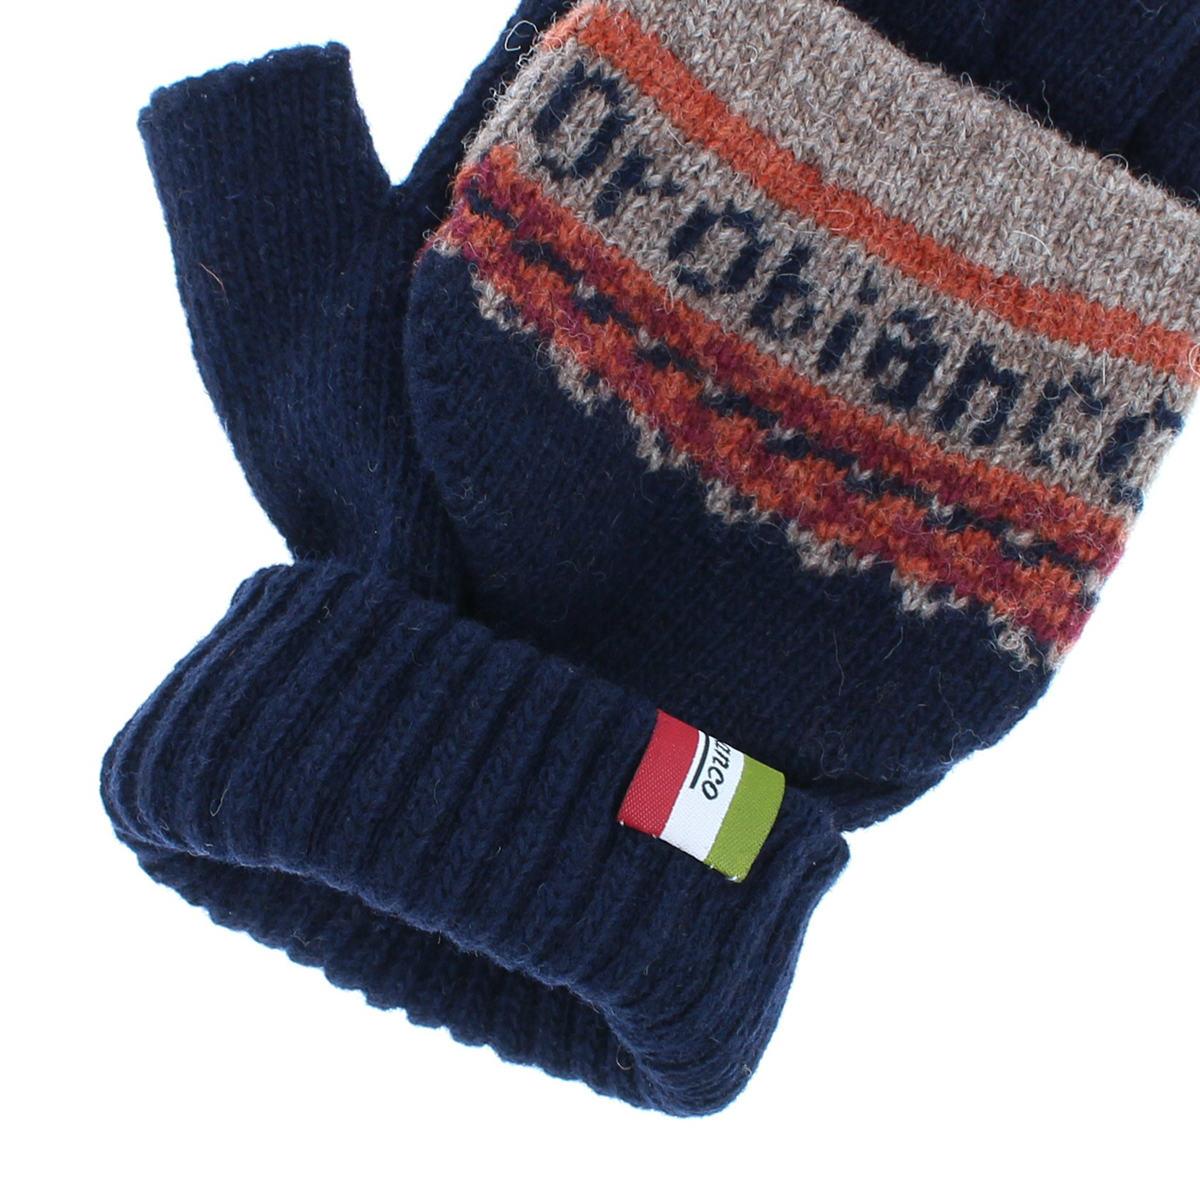 オロビアンコ メンズ フード付き 2WAY 指切り ロゴ入り柄 ジャカード ニット手袋